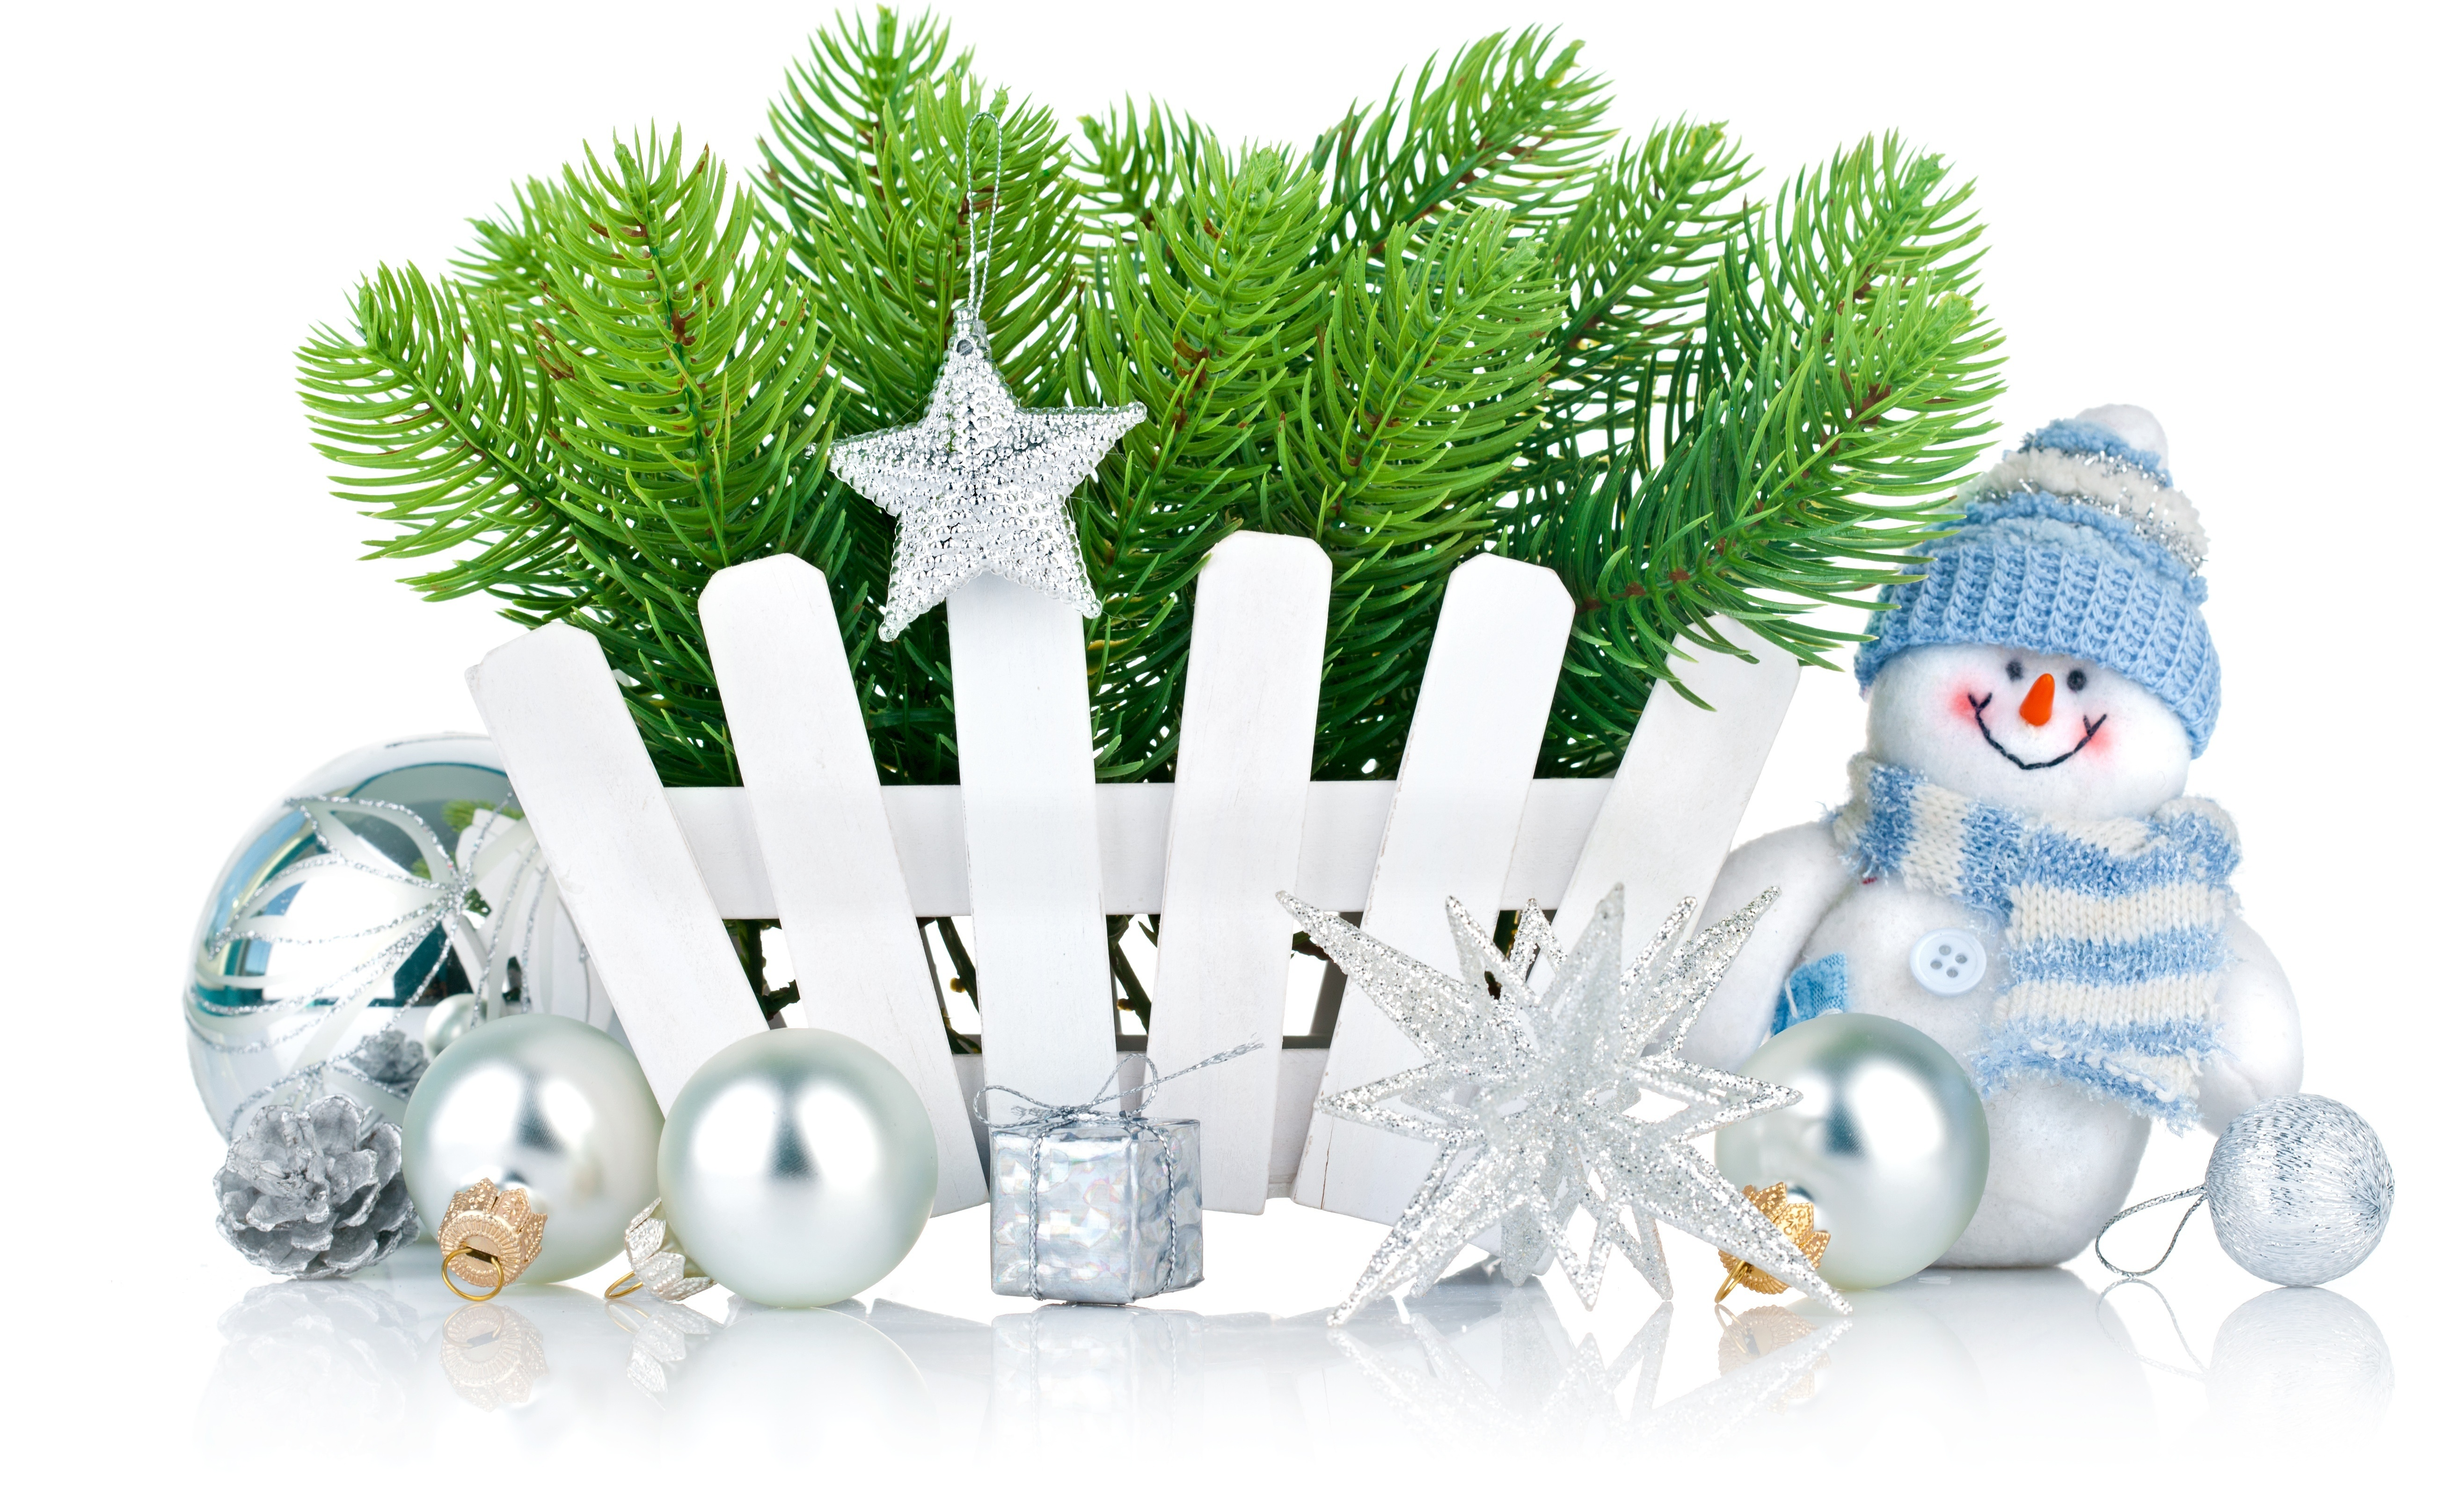 часы игрушки подарки снежинки  № 2647486 бесплатно